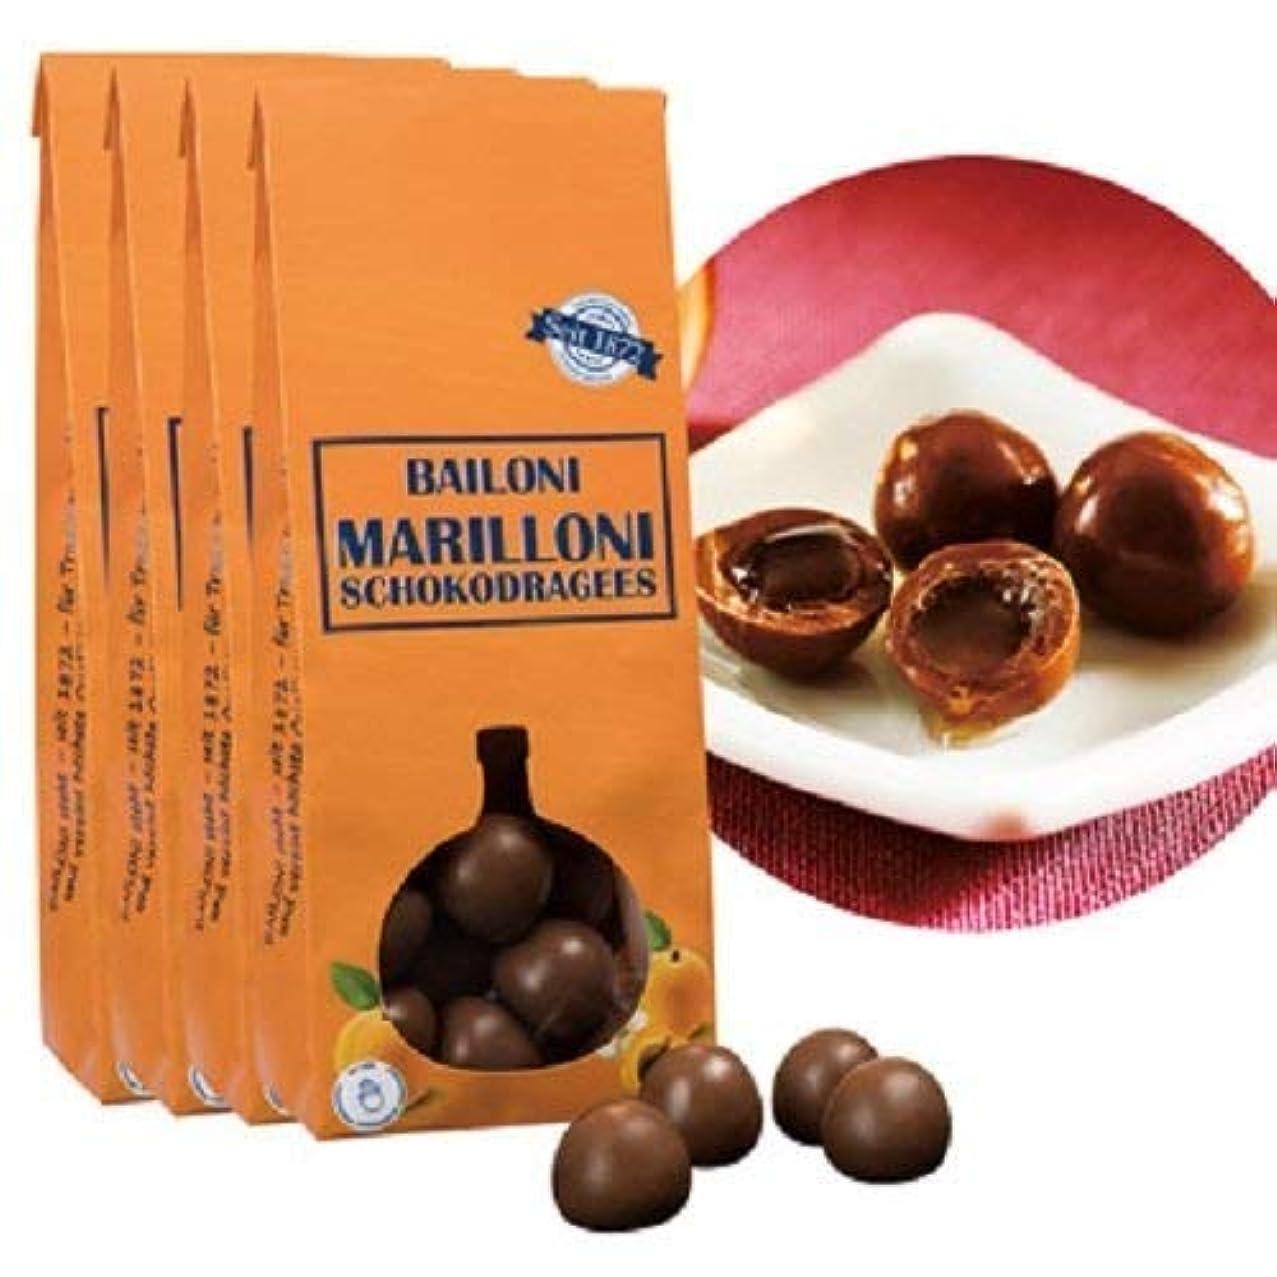 作物舌ピケバイローニ(Bailoni)アプリコット リキュール入り チョコレート ボンボン 4袋セット【オーストリア 海外土産 輸入食品 スイーツ】